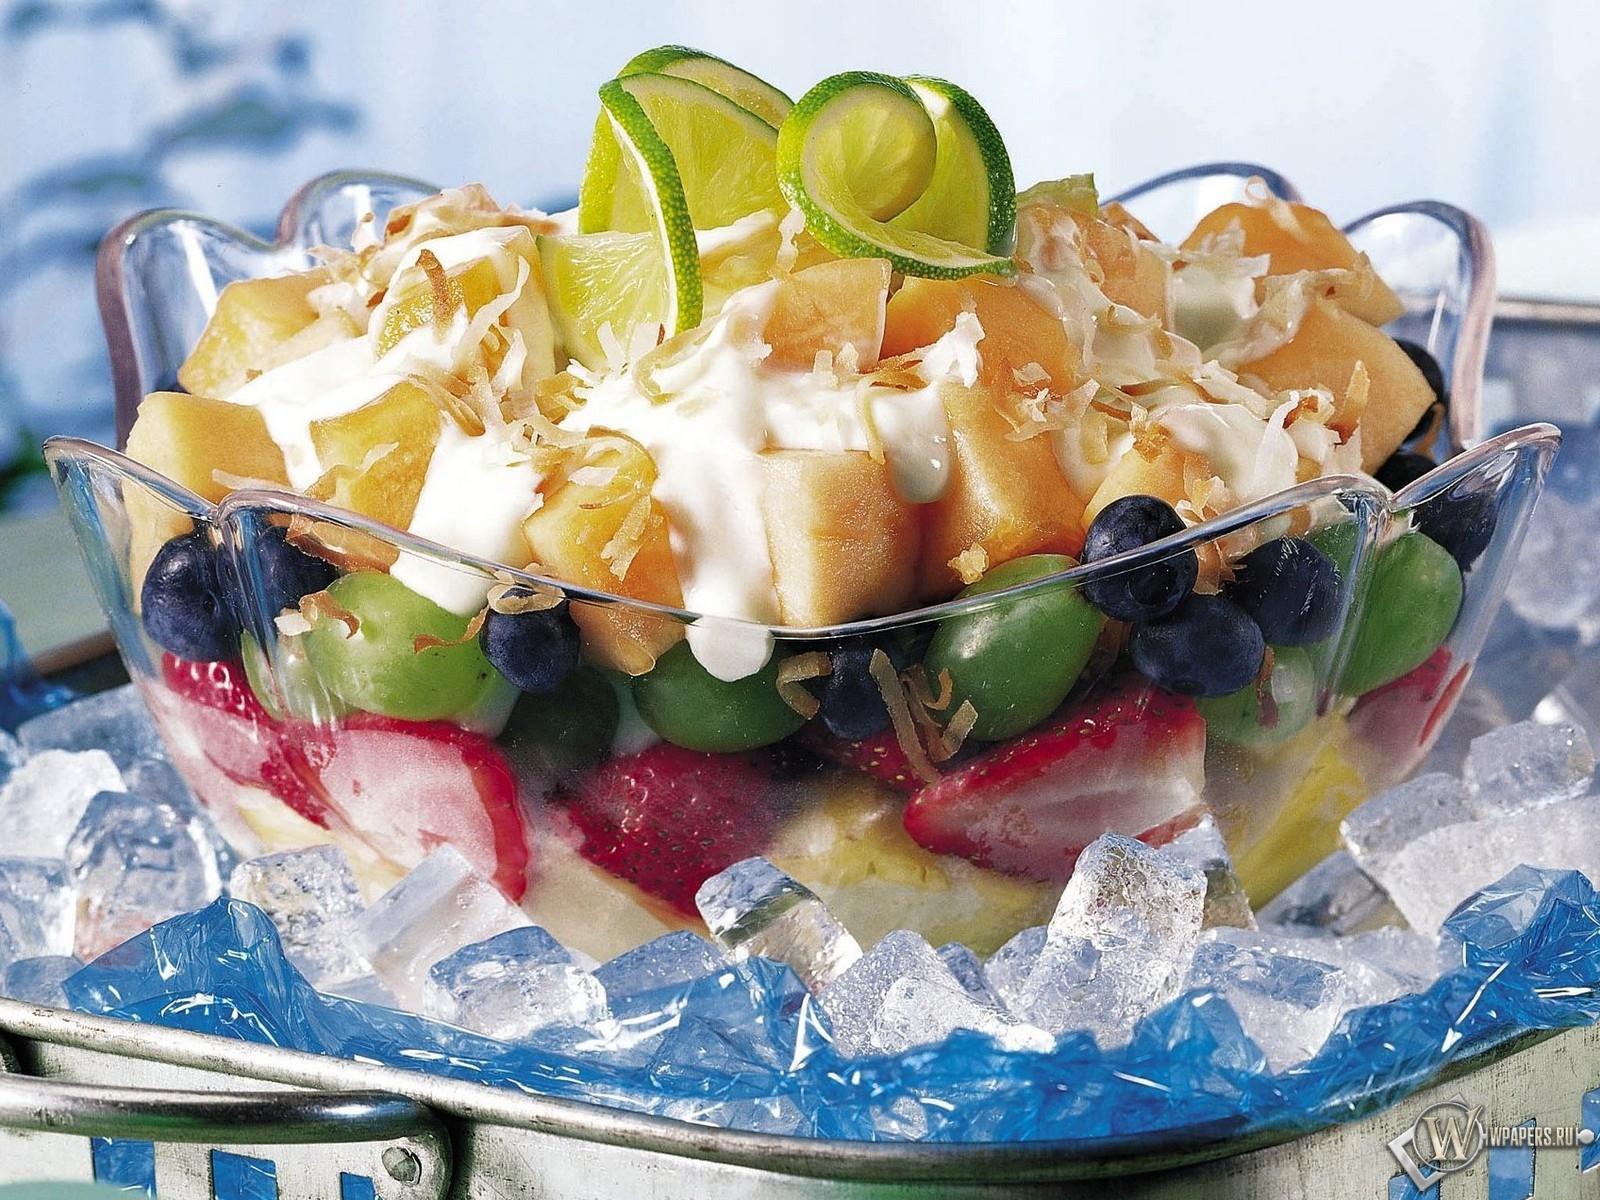 Фруктово-ягодный салат с йогуртом 1600x1200